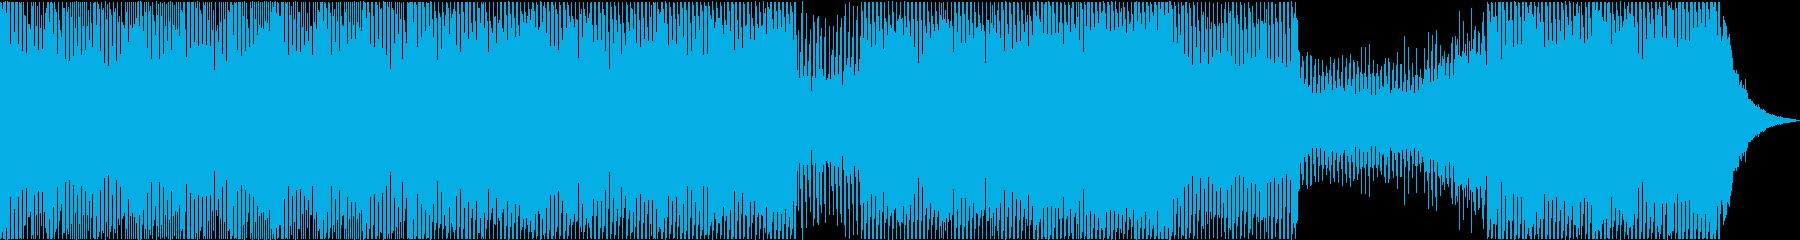 テクノ ジングルべル 楽しい イベントの再生済みの波形